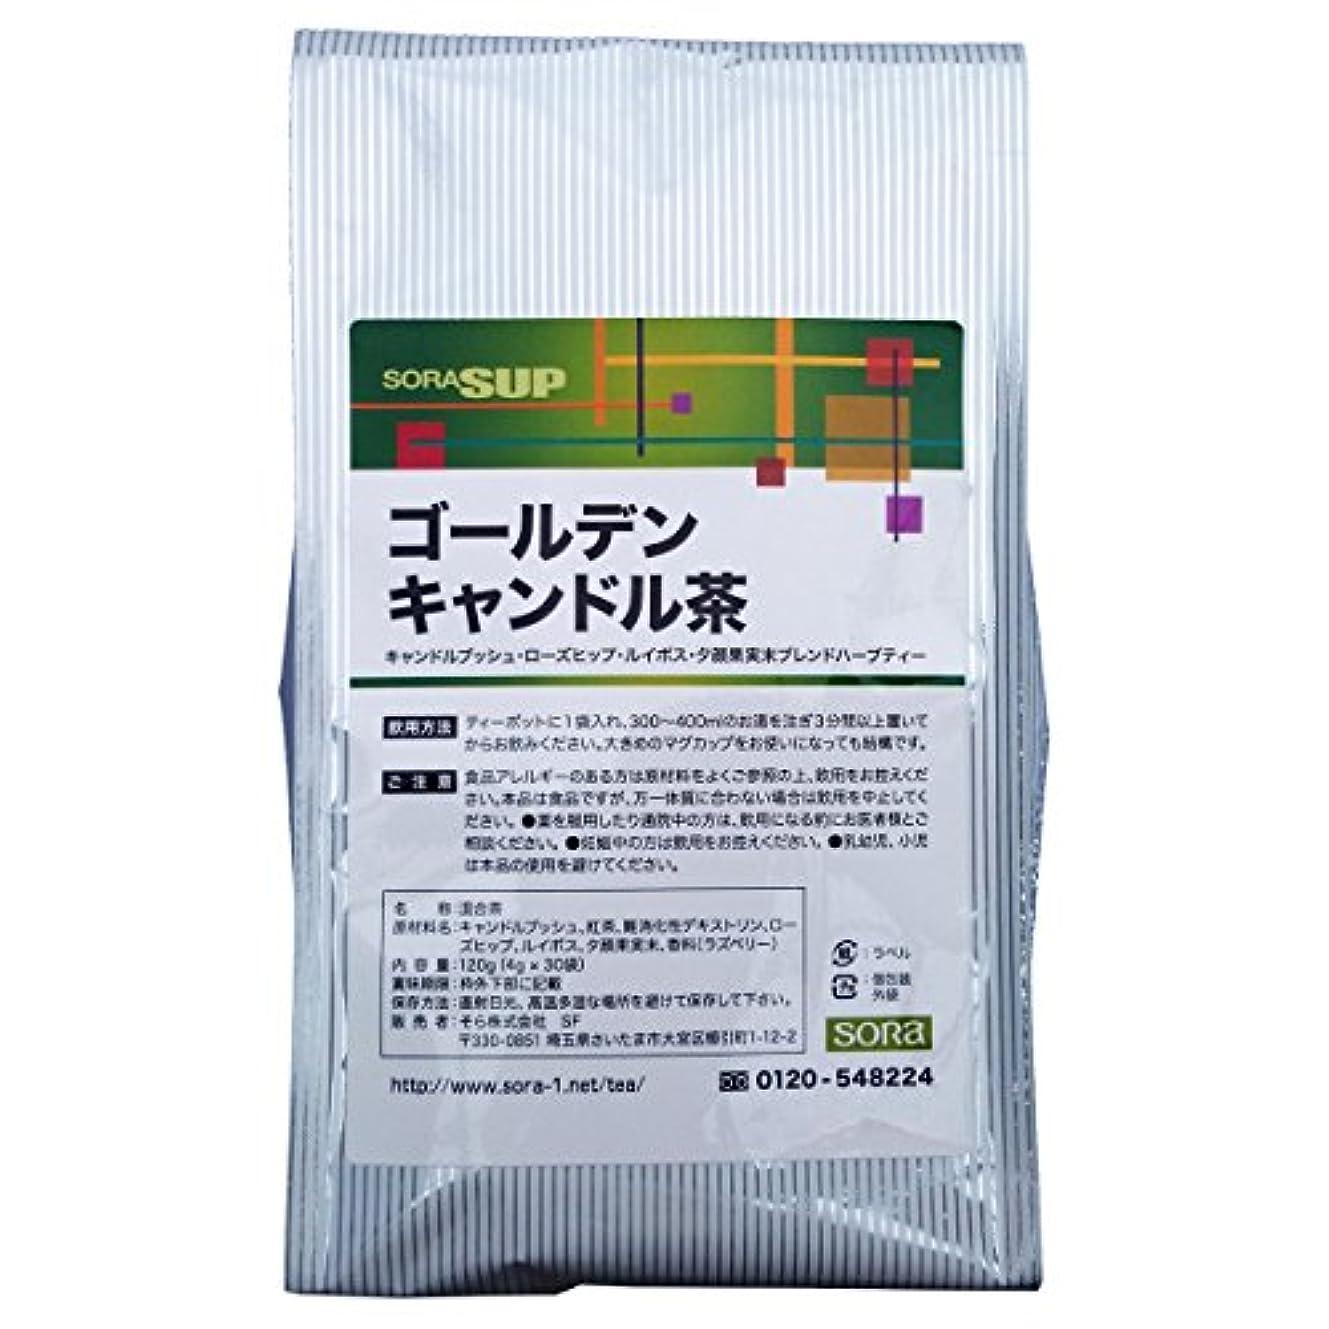 二次リマスピンそら ゴールデンキャンドル茶 (主成分キャンドルブッシュ) 【4gティーパック × 30包】